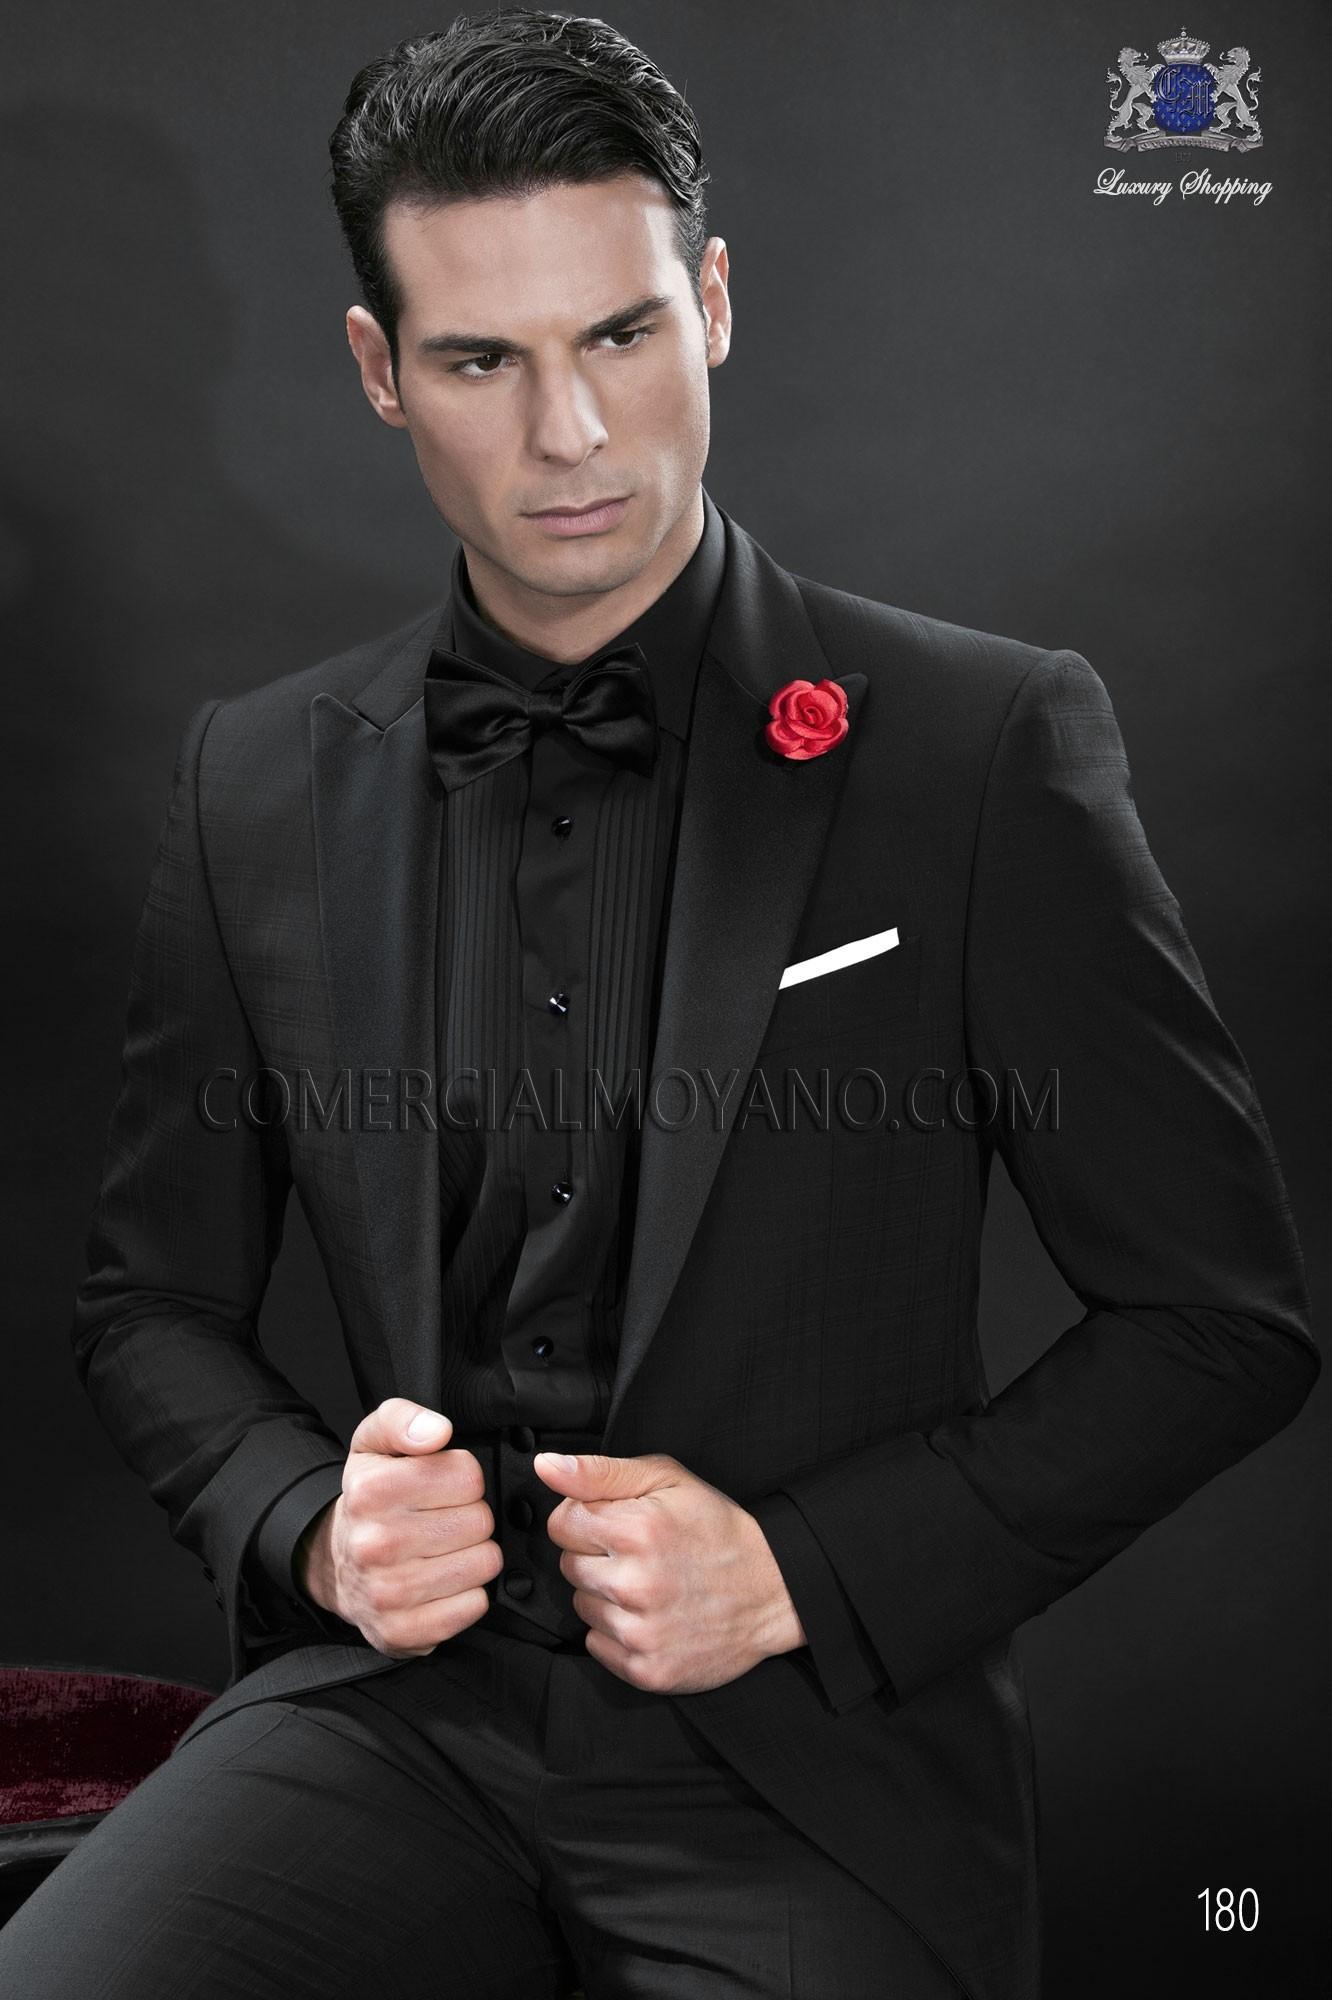 Traje de fiesta hombre negro modelo: 180 Ottavio Nuccio Gala colección Black Tie